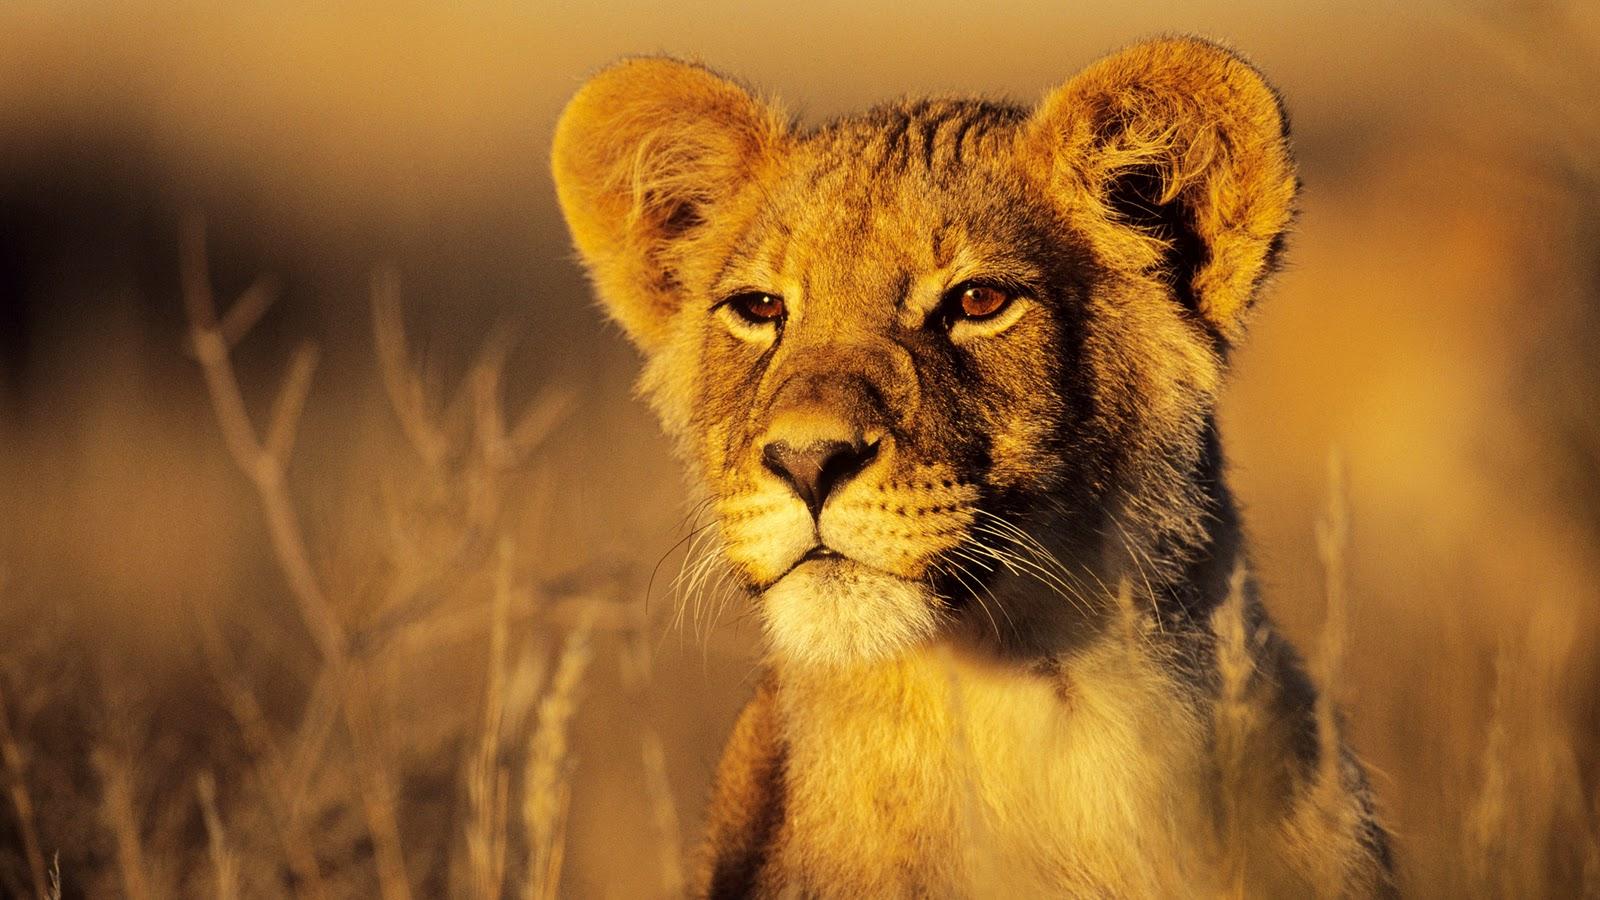 Wonderful   Wallpaper Horse Lion - Lion+Wallpaper%252C+animals%252C+lion%252C+savannah%252C+nature  Photograph_429177.jpg